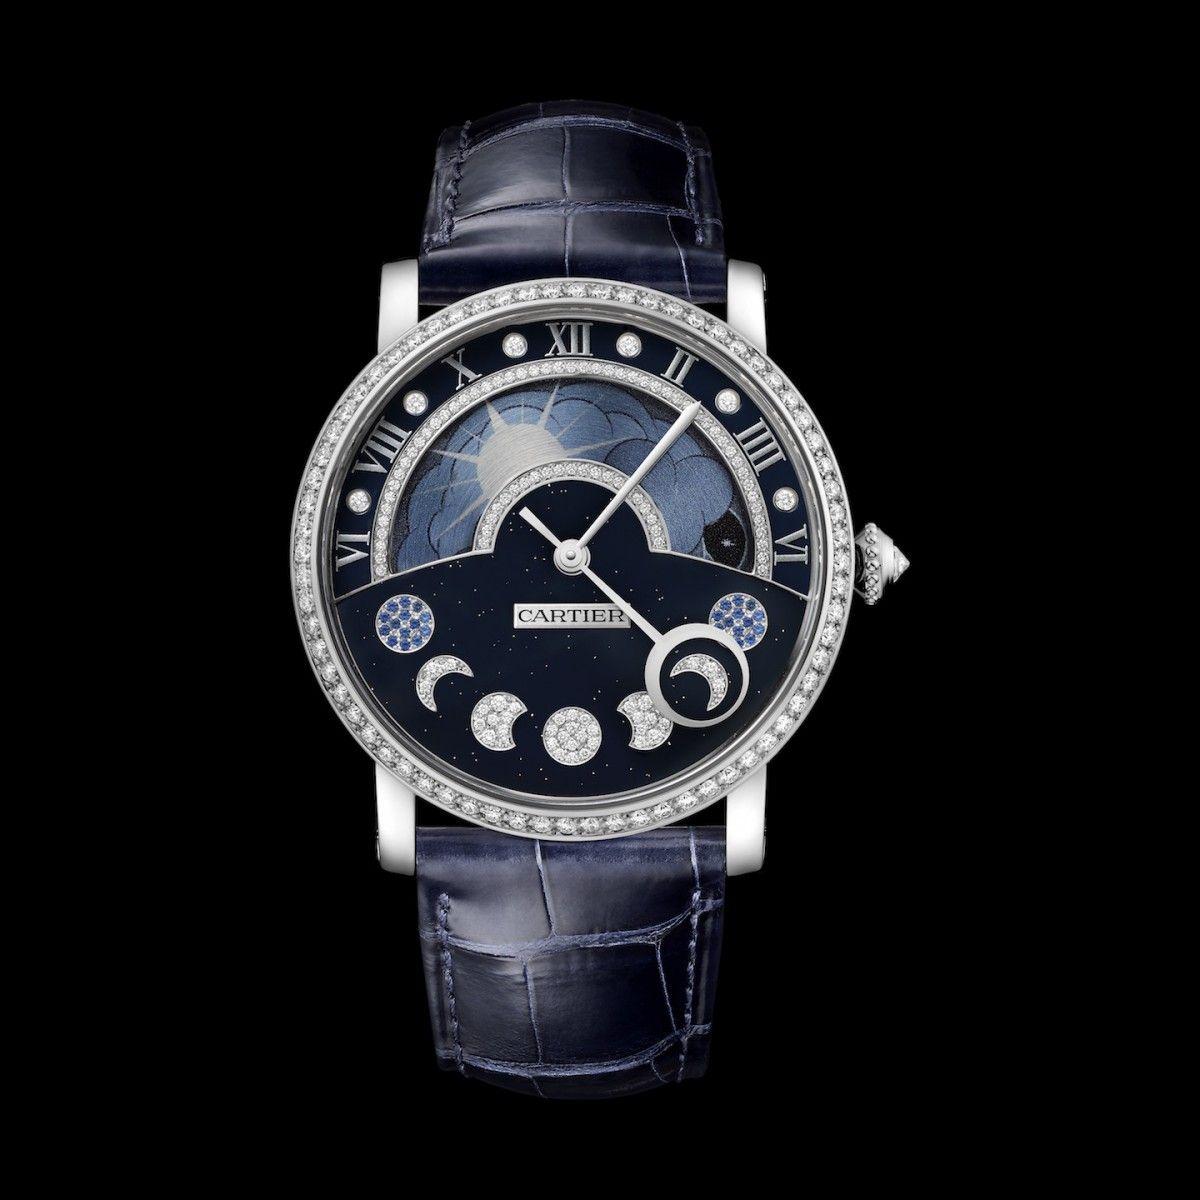 Rotonde de Cartier Day/Night Retrograde Moon watch